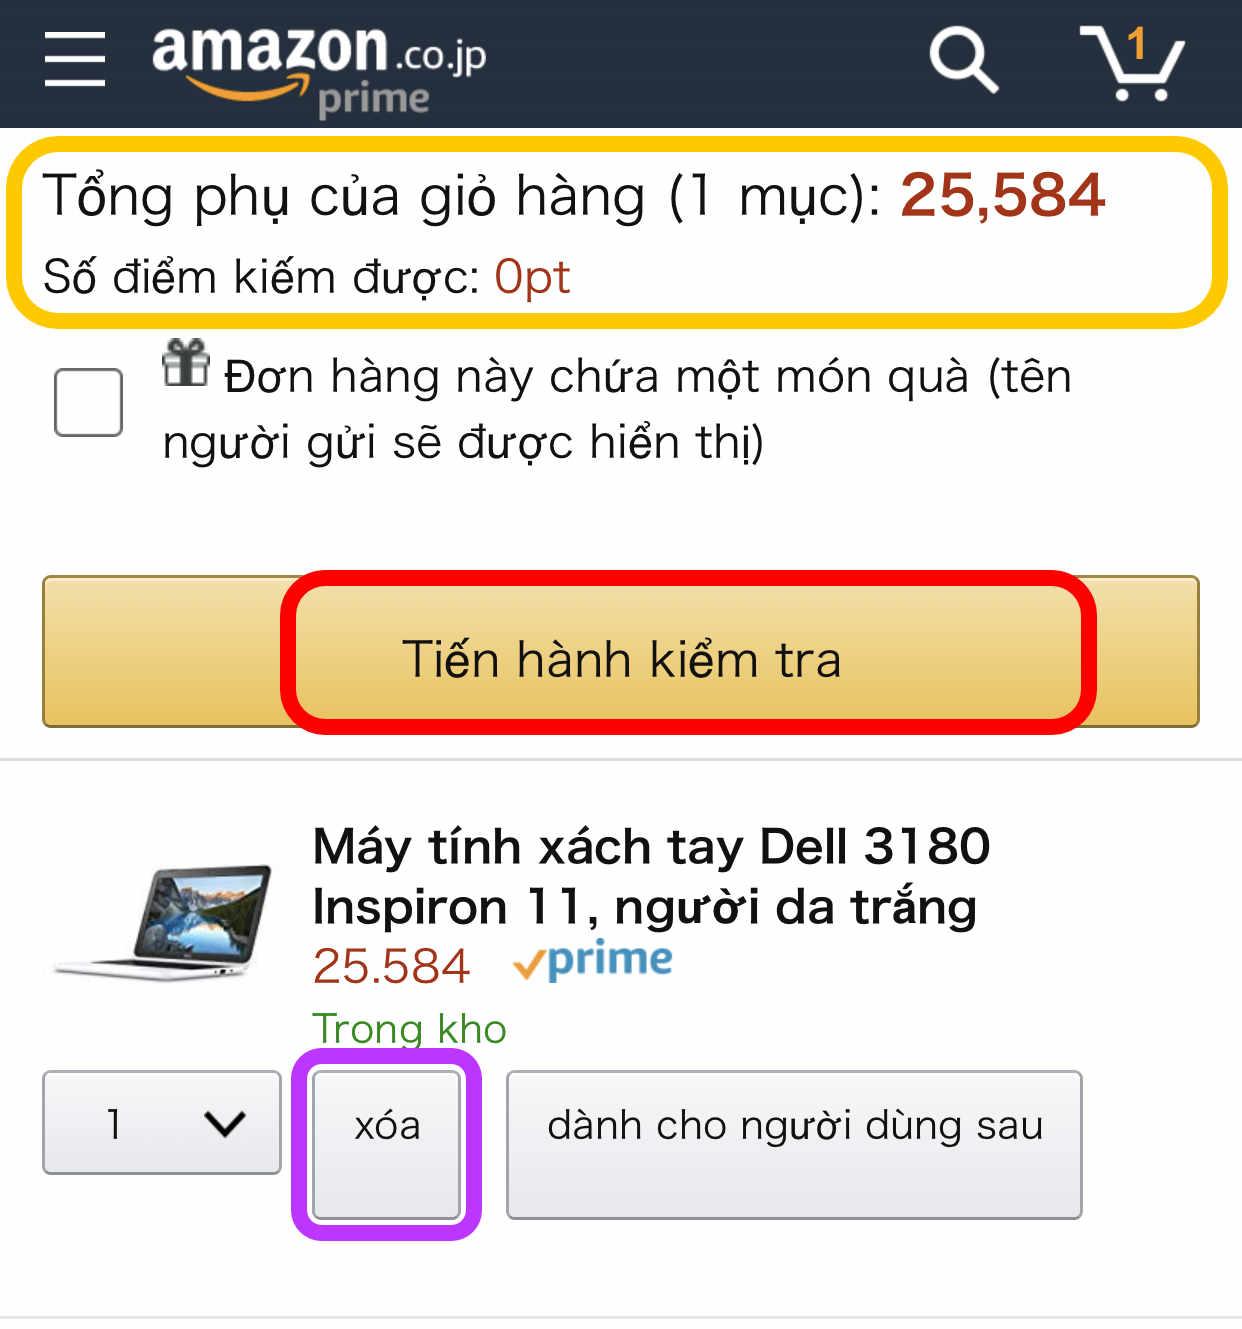 Cách mua hàng trên Amazon JP diiho